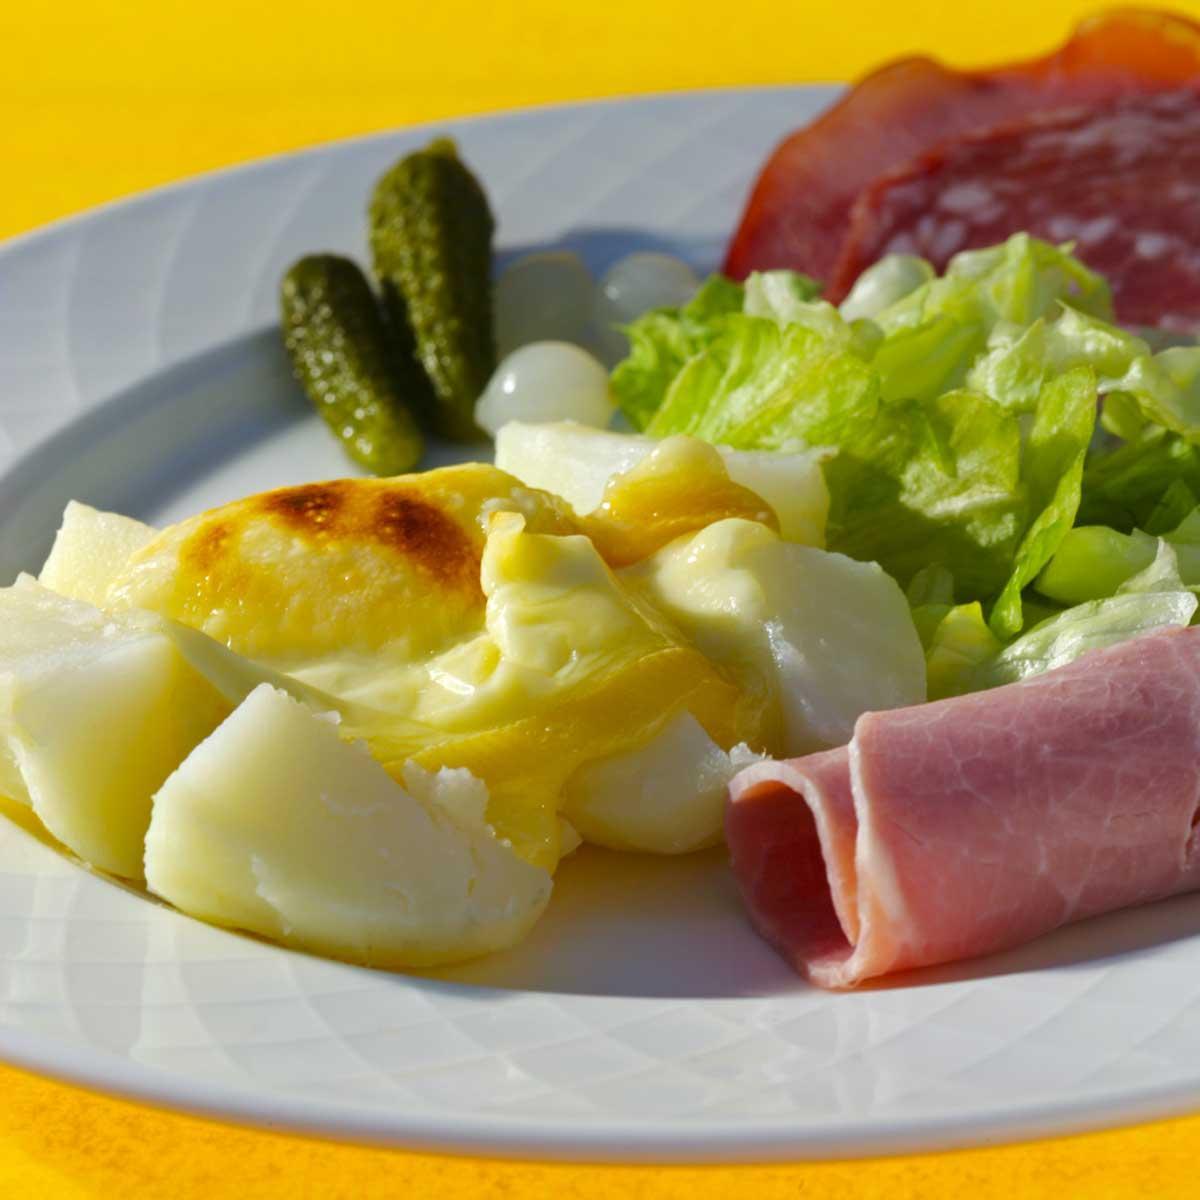 Recette raclette cuisine madame figaro - Recette de raclette originale ...